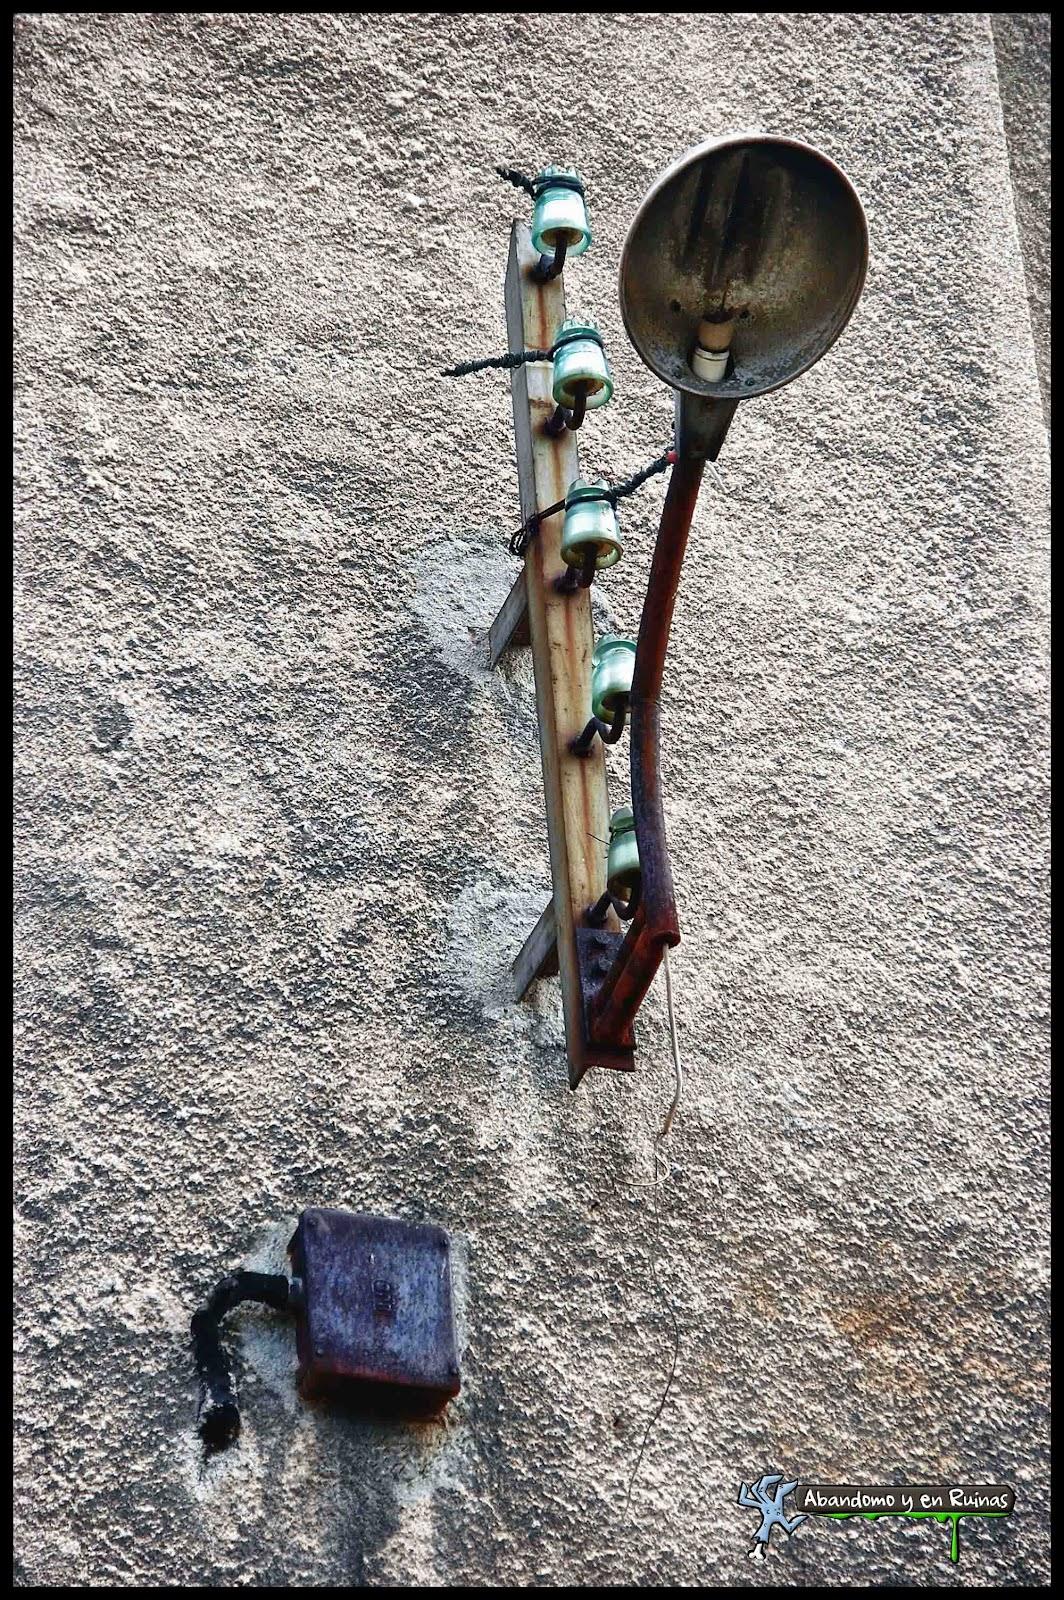 Abandono y en ruinas azucarera aranjuez for Oficina de empleo aranjuez